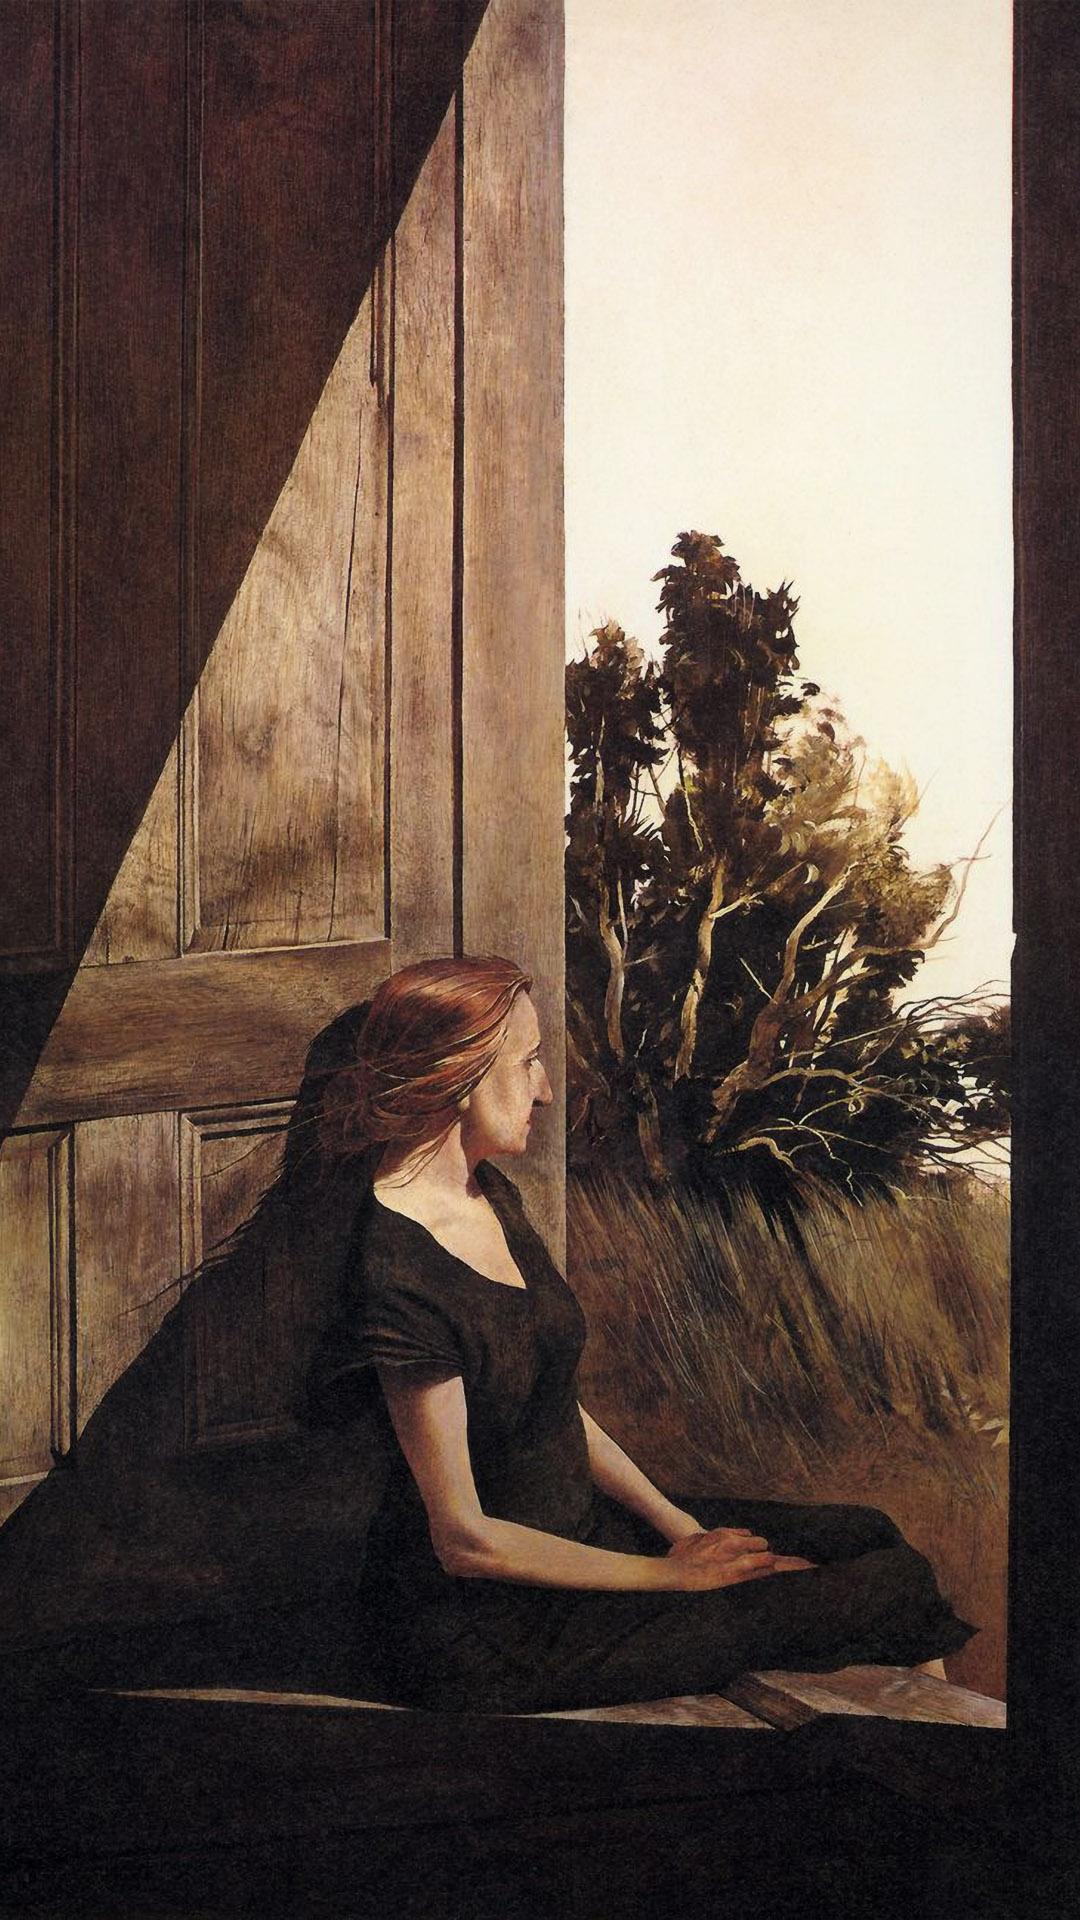 アンドリュー・ワイエス andrew wyeth - christina olson 1080x1920